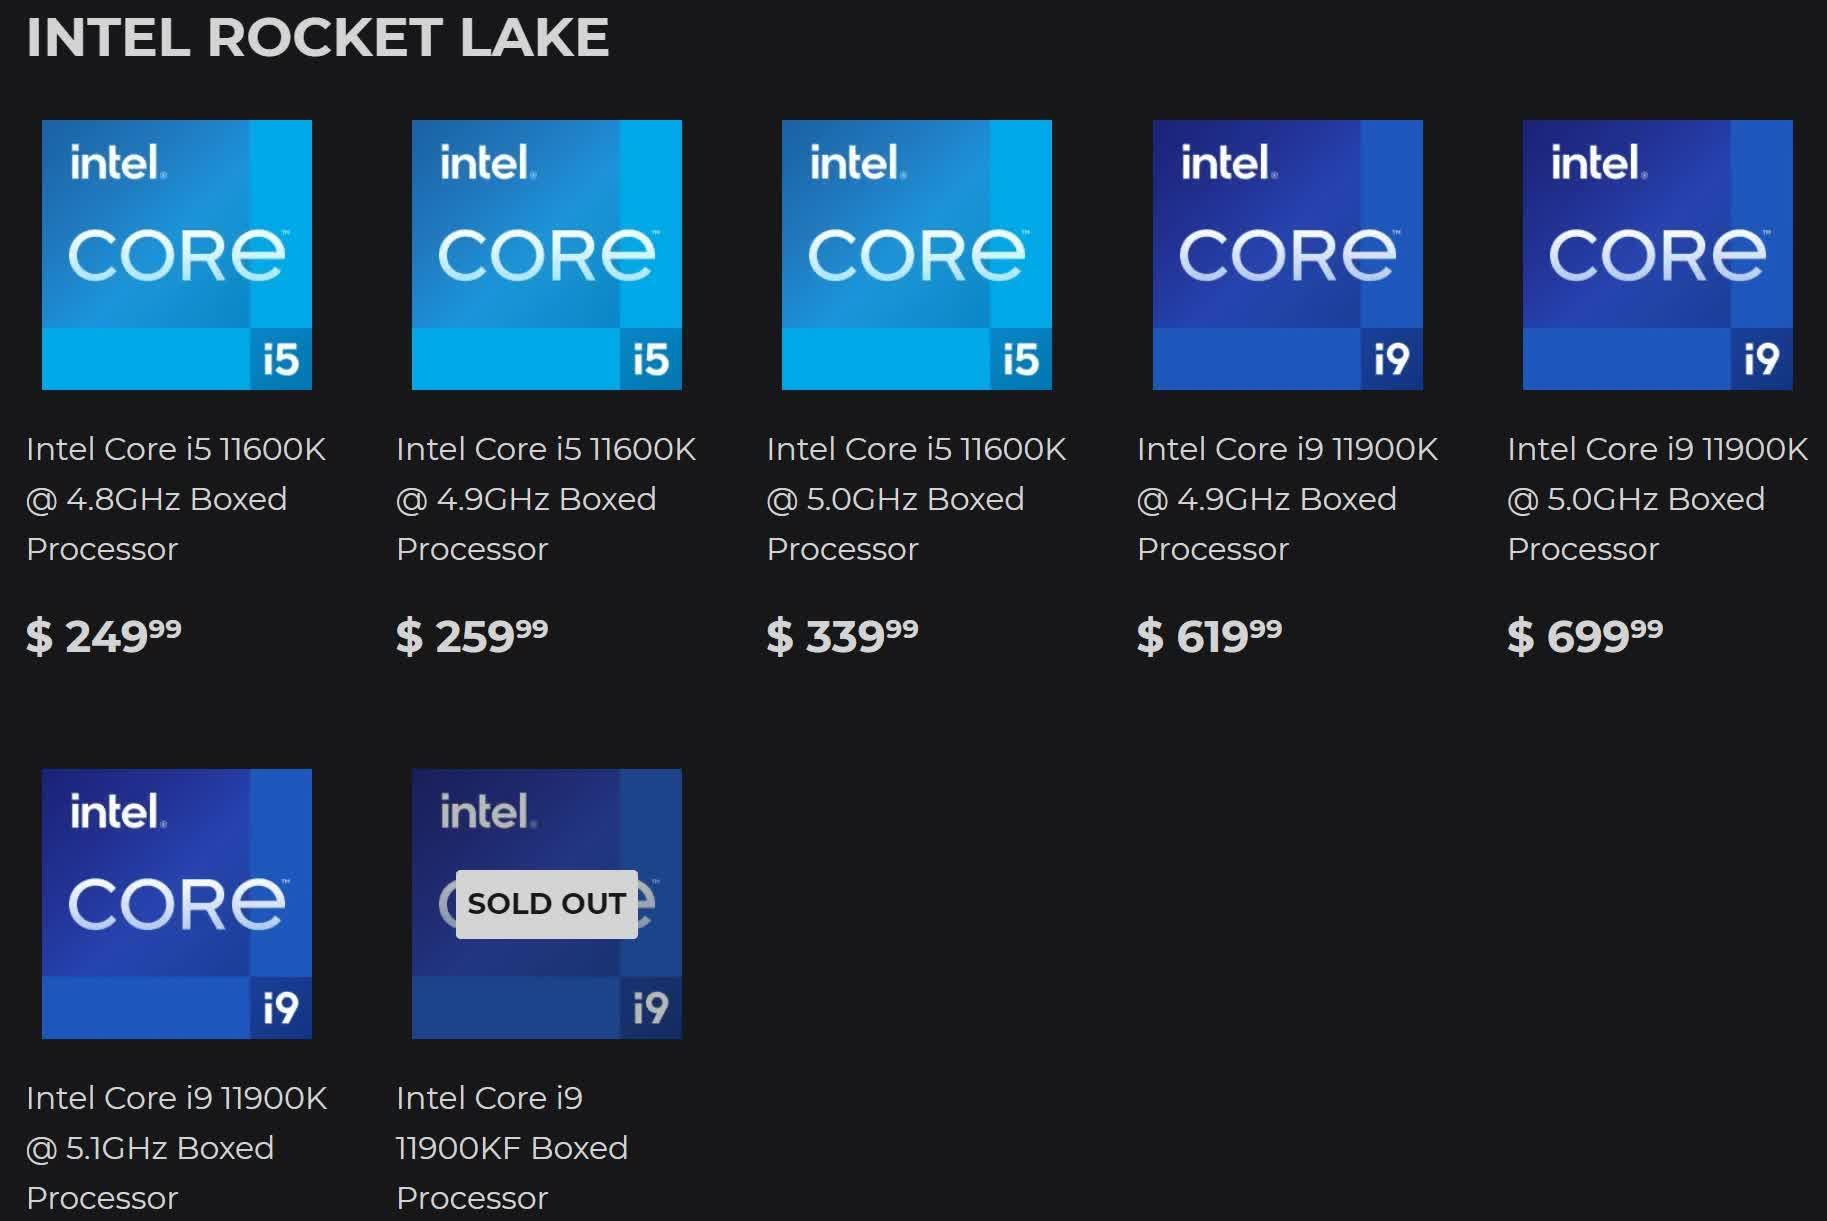 Les prix dIntel Rocket Lake baissent des puces pre groupees sont